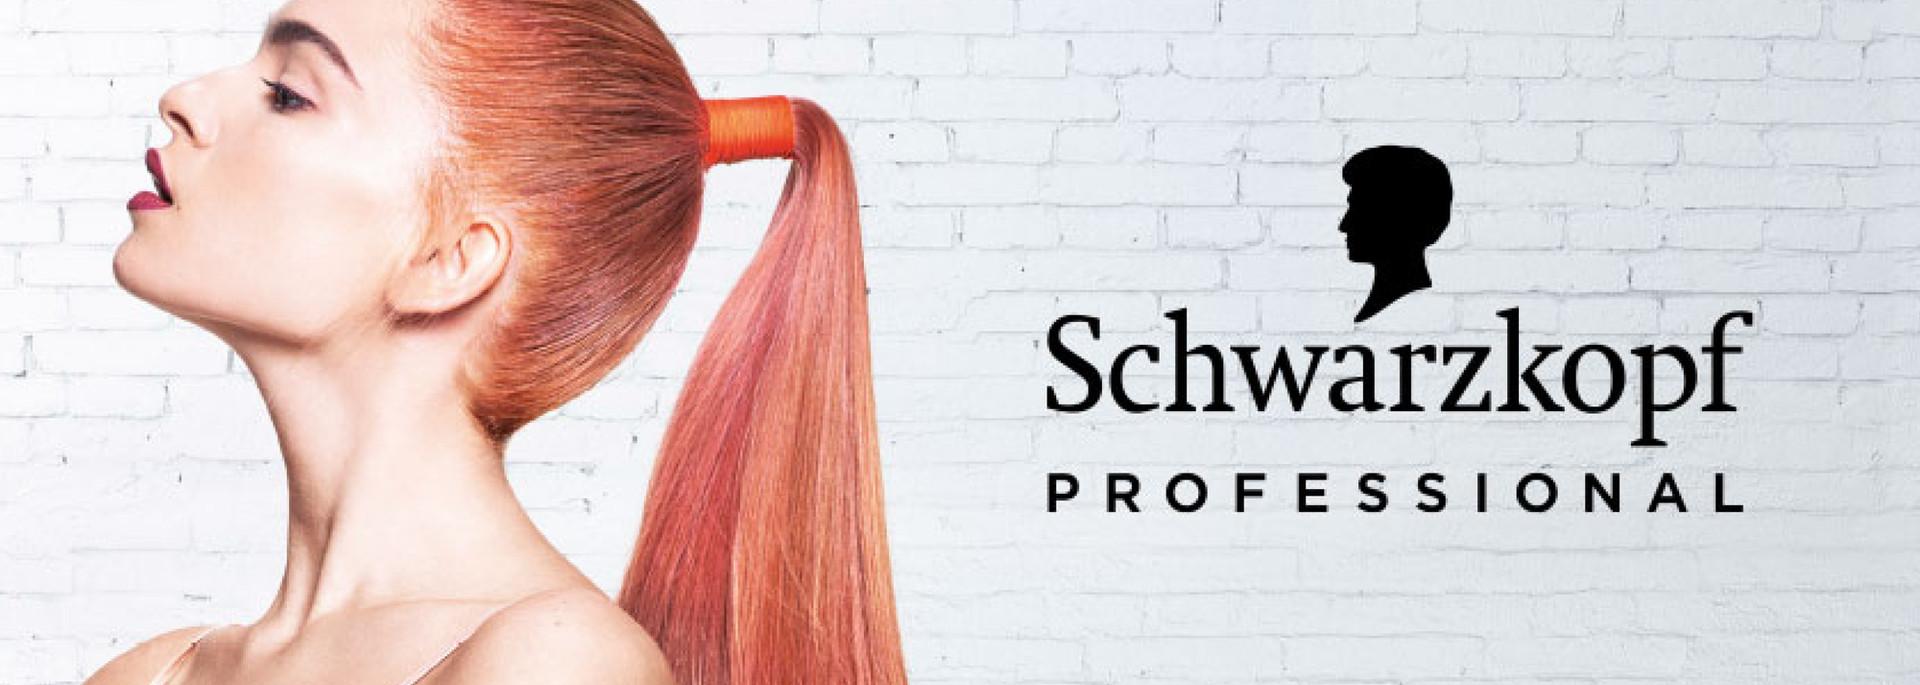 Principles Hair Design Hair Salon Hair Dressers